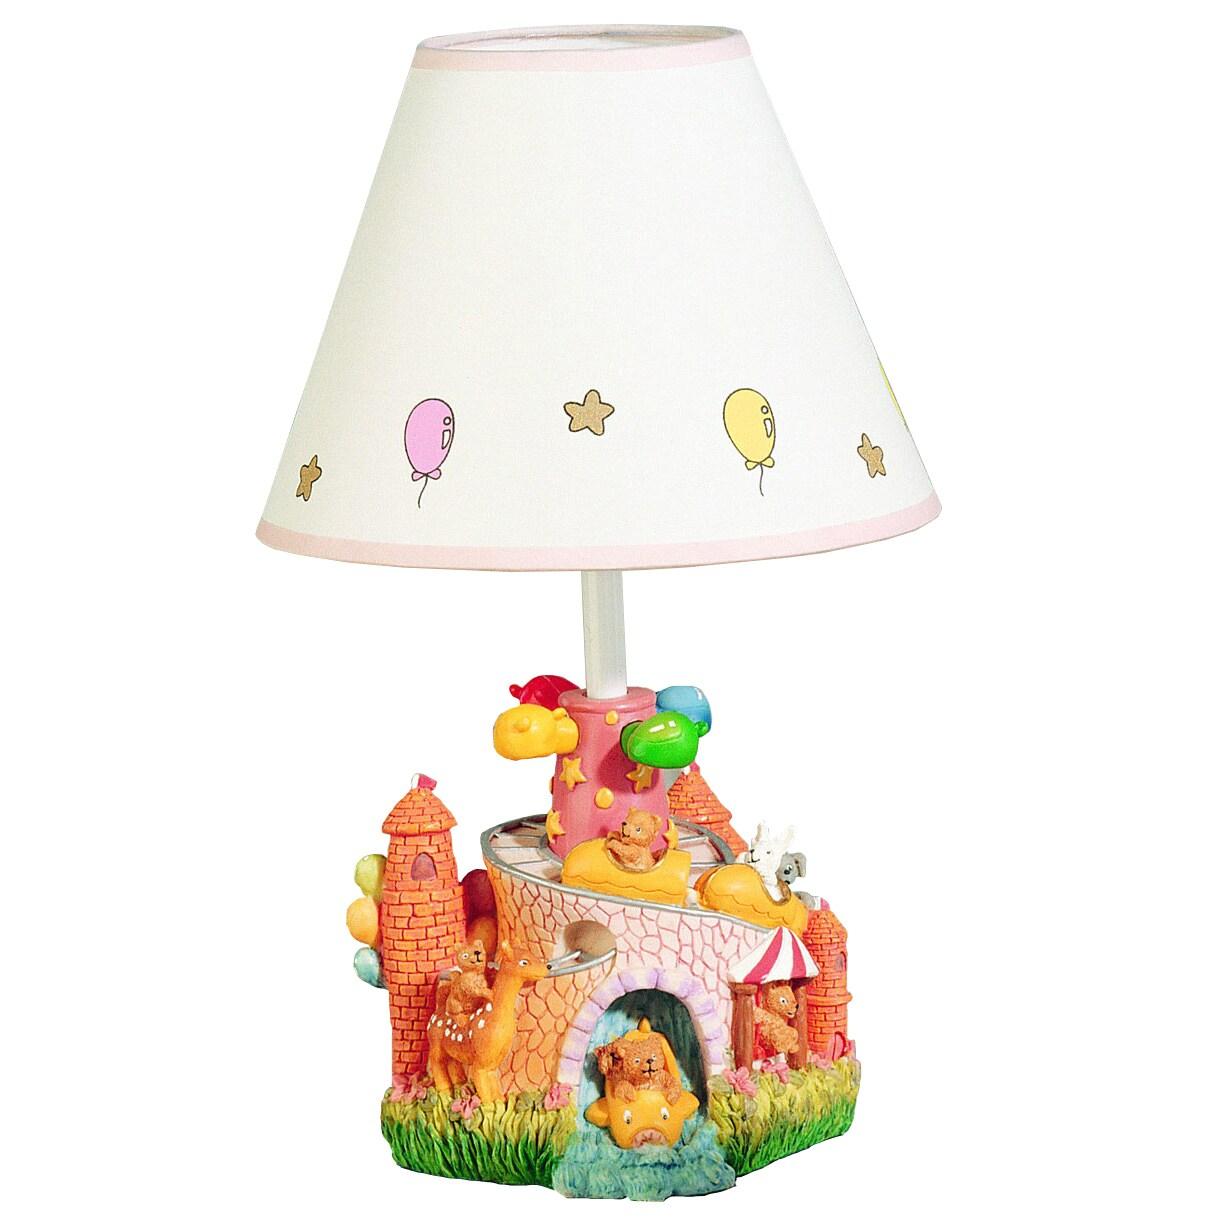 Overstock.com Cal Lighting Kids Carnival Table Lamp